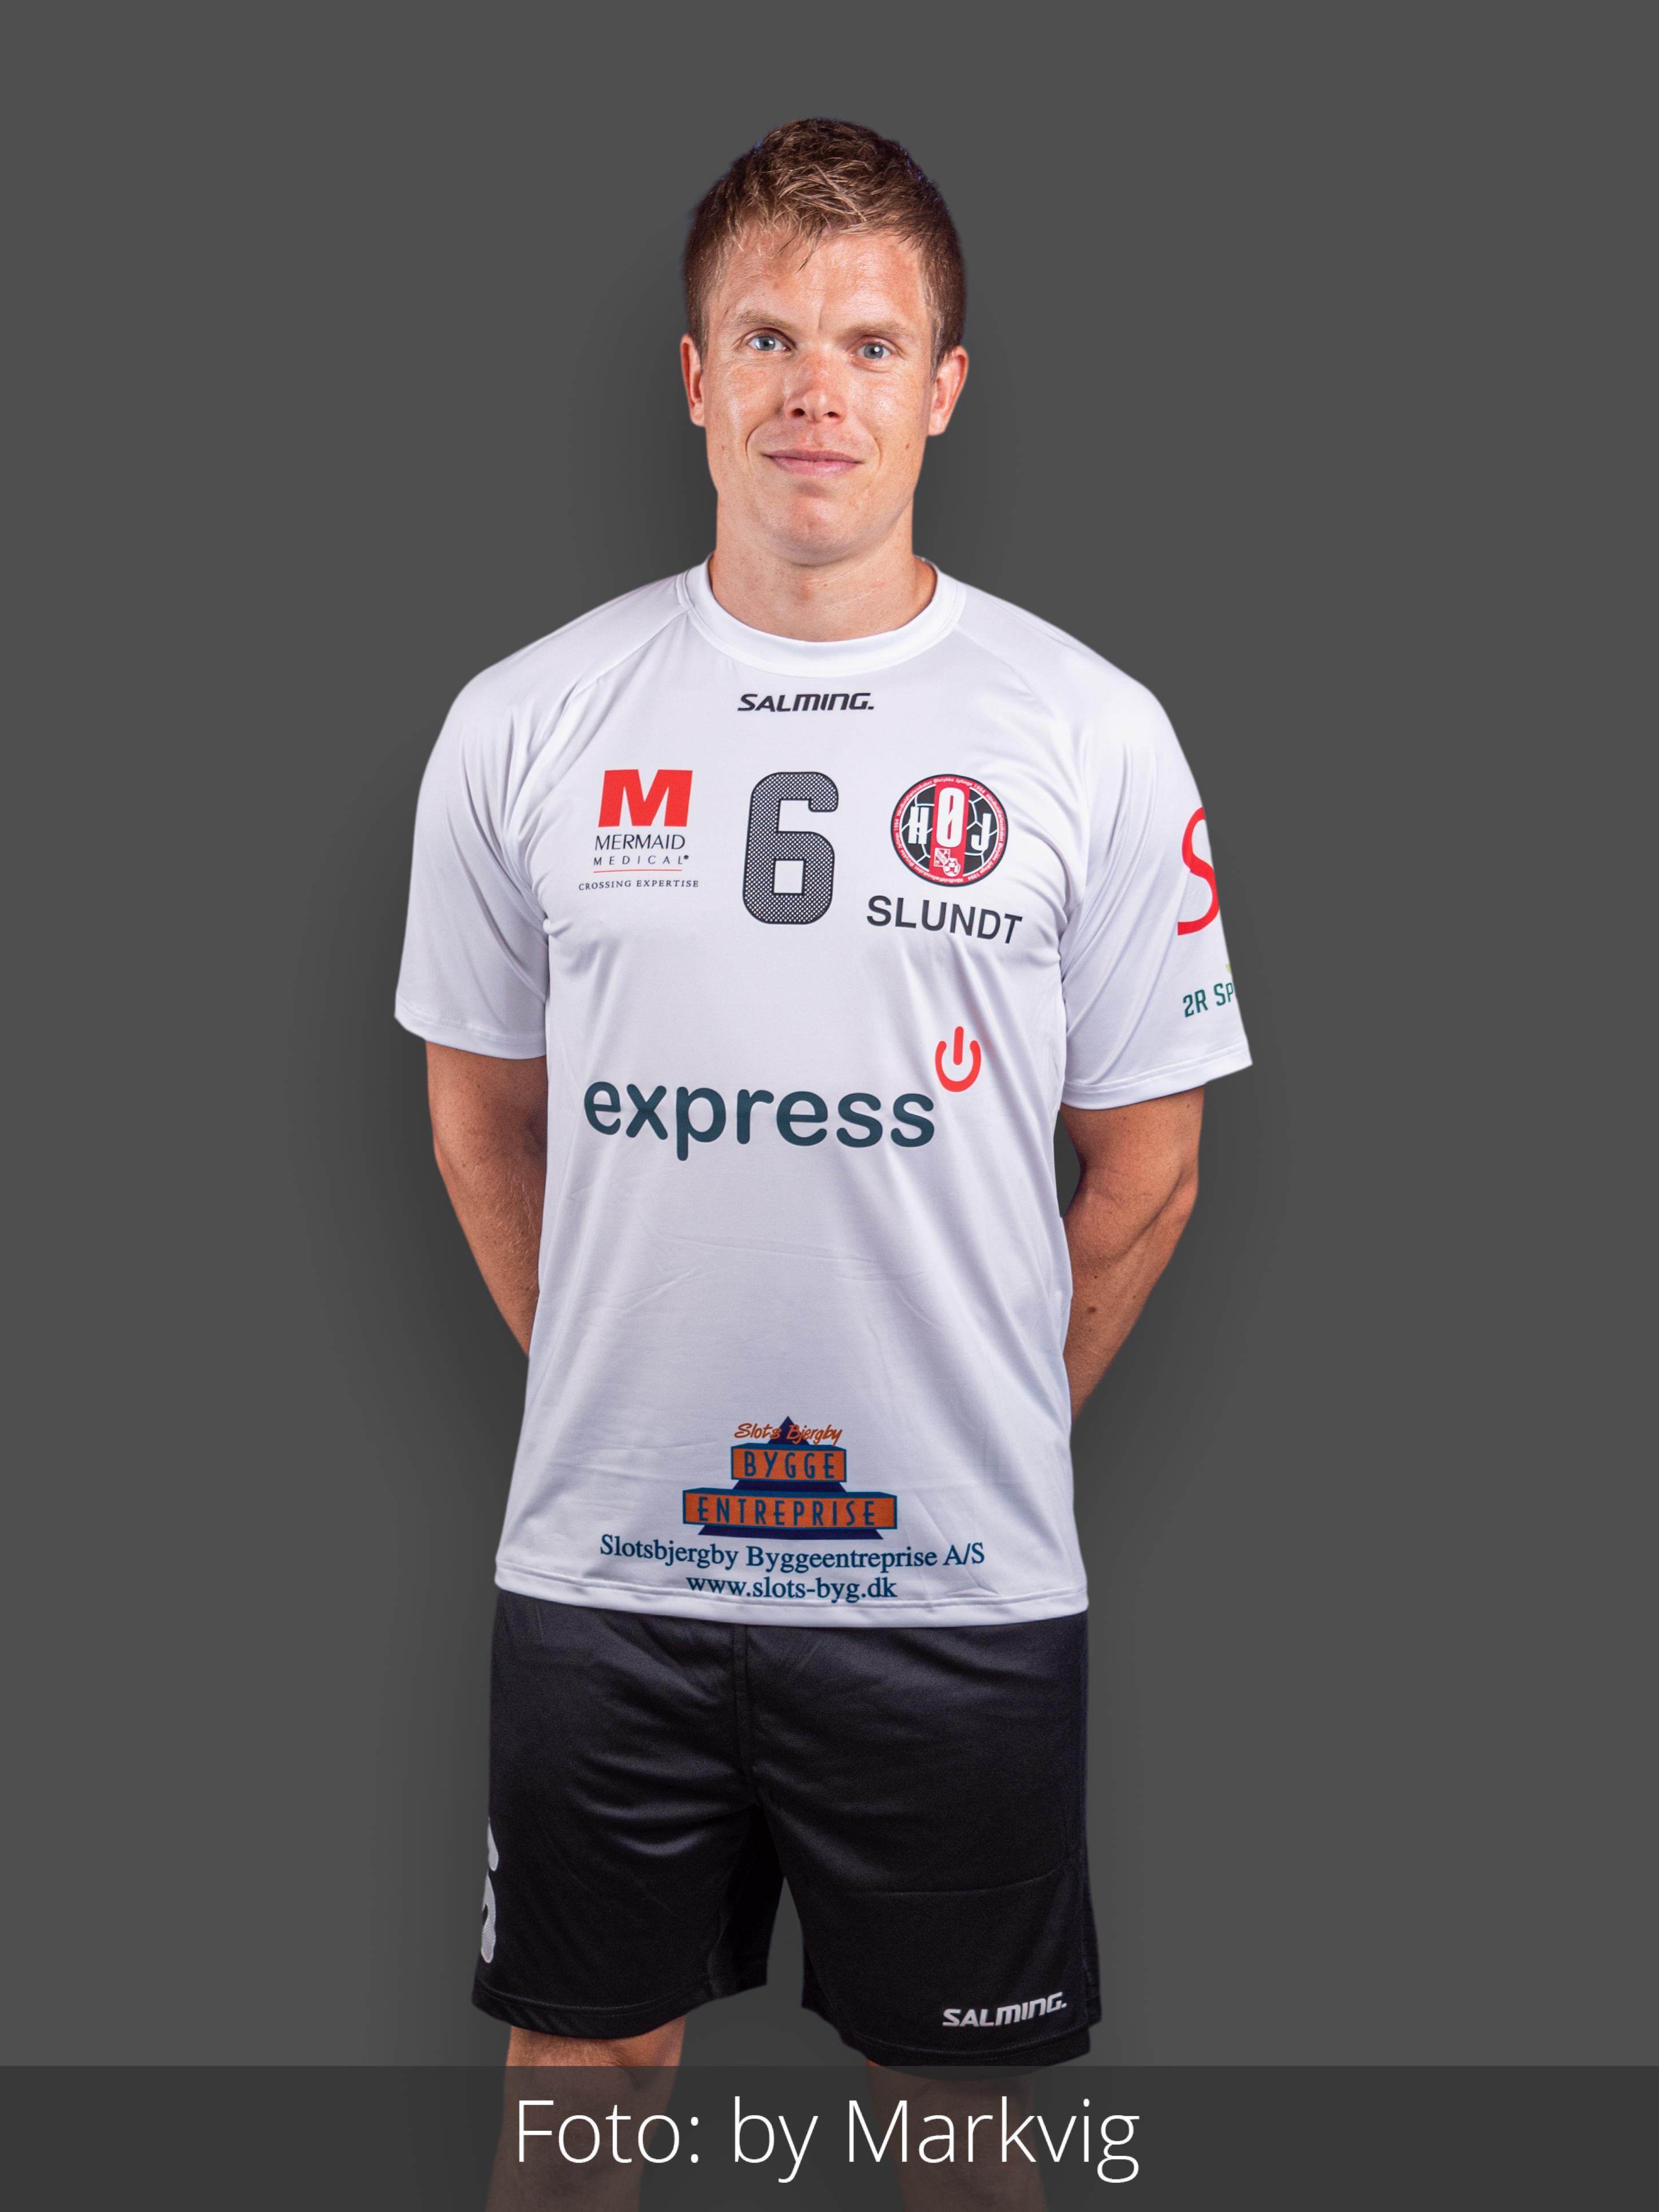 Morten Slundt